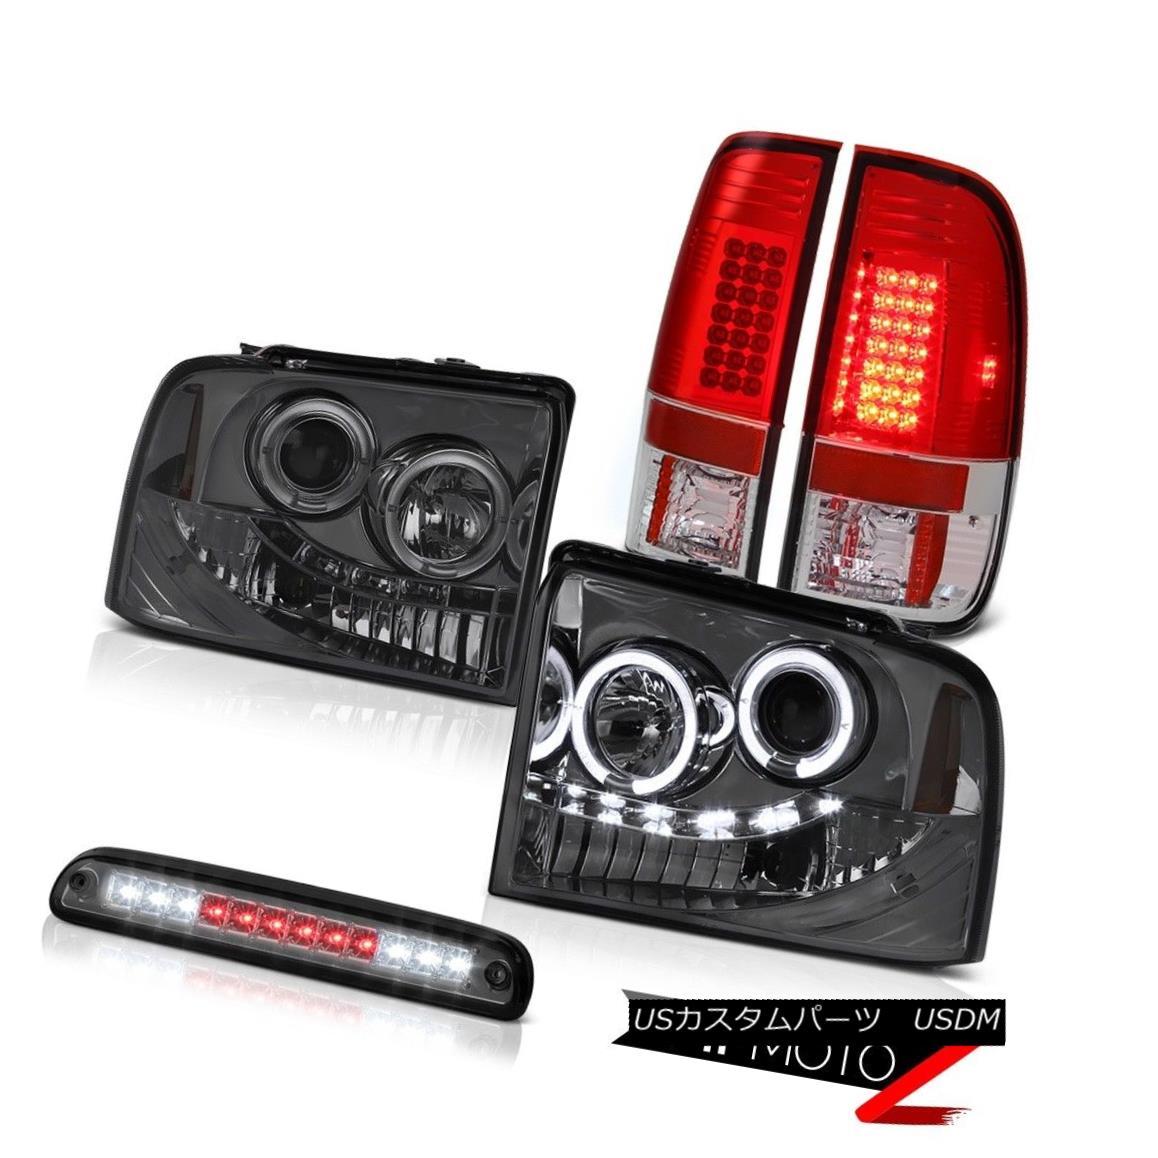 テールライト Halo Smoke Headlights Brake Tail Lights LED High Cargo 05-07 F250 Turbo Diesel Halo SmokeヘッドライトブレーキテールライトLED High Cargo 05-07 F250ターボディーゼル